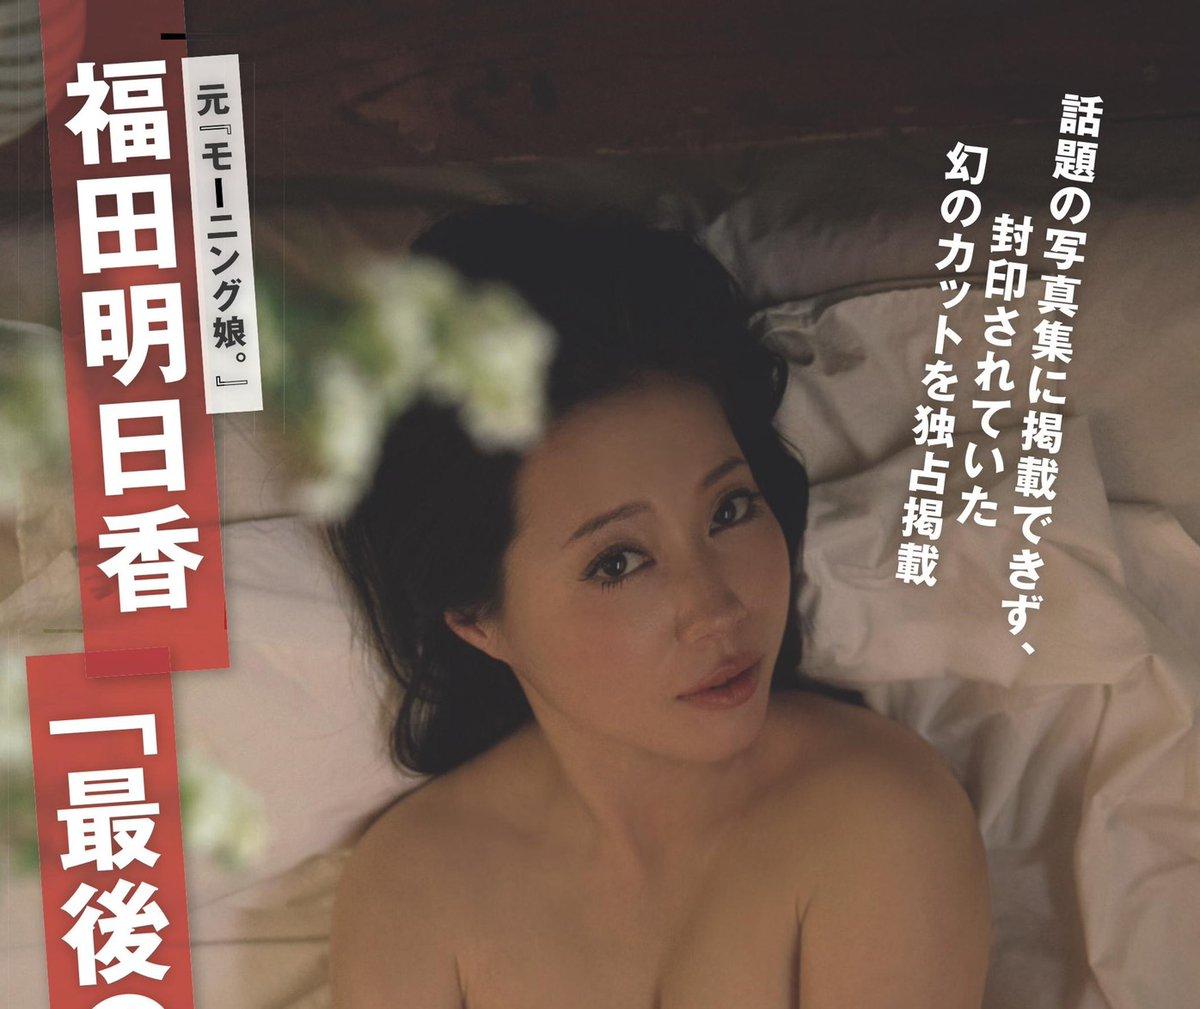 福田明日香ヌード画像 元モー娘。福田明日香の告白「それでも衝撃写真集に挑んだワケ」